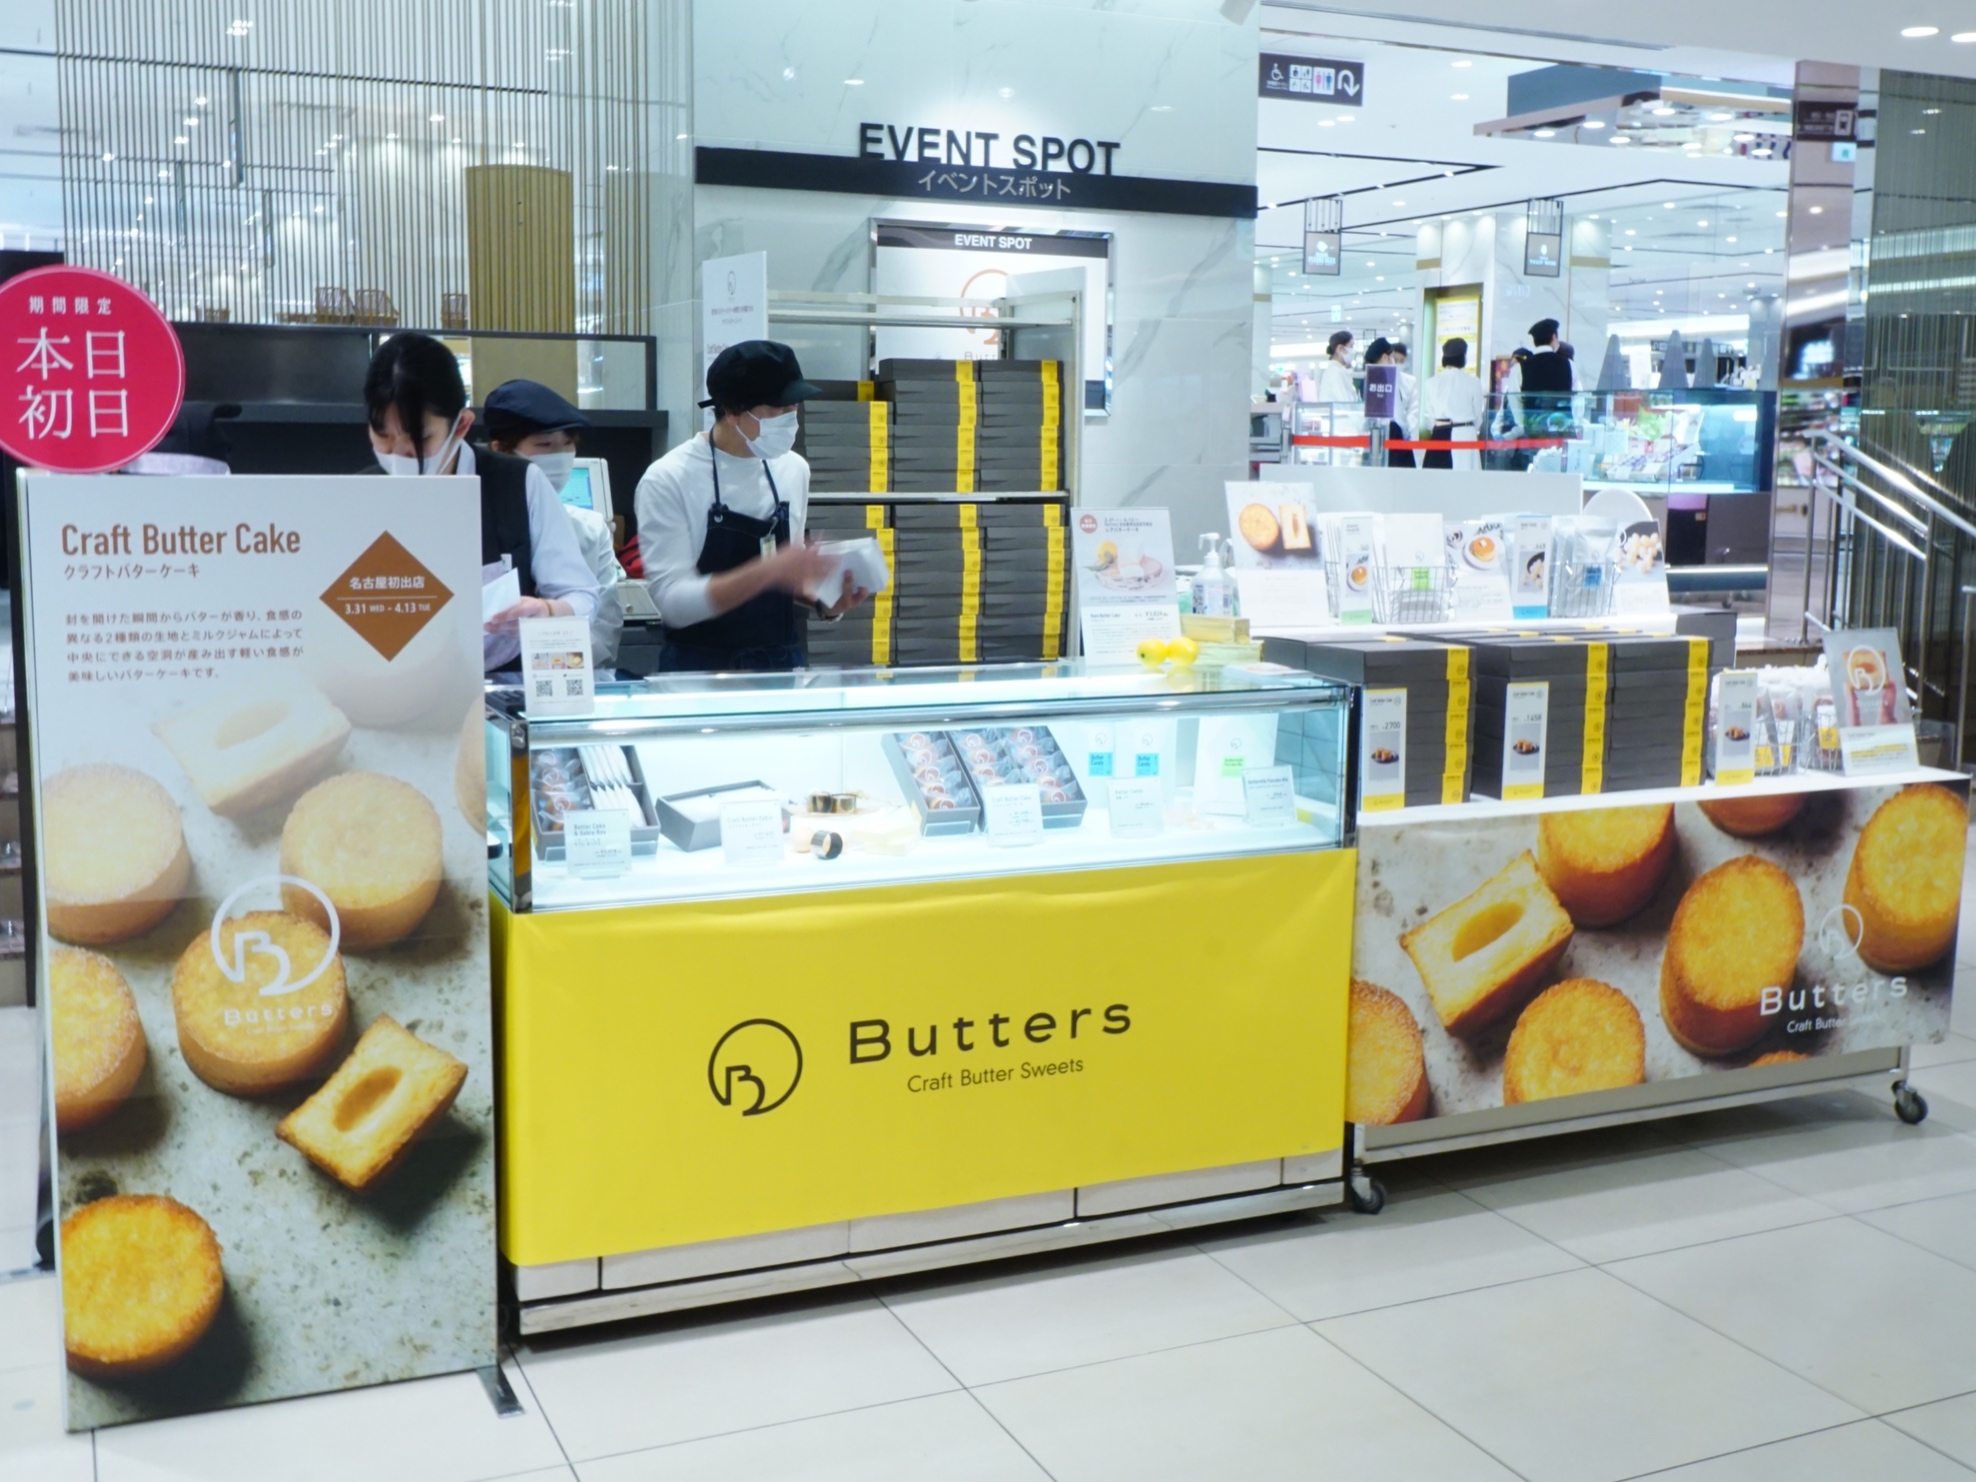 大人気クラフトバタースイーツブランド「Butters」の期間限定ショップが東海地区に初出店! - IMG 1610